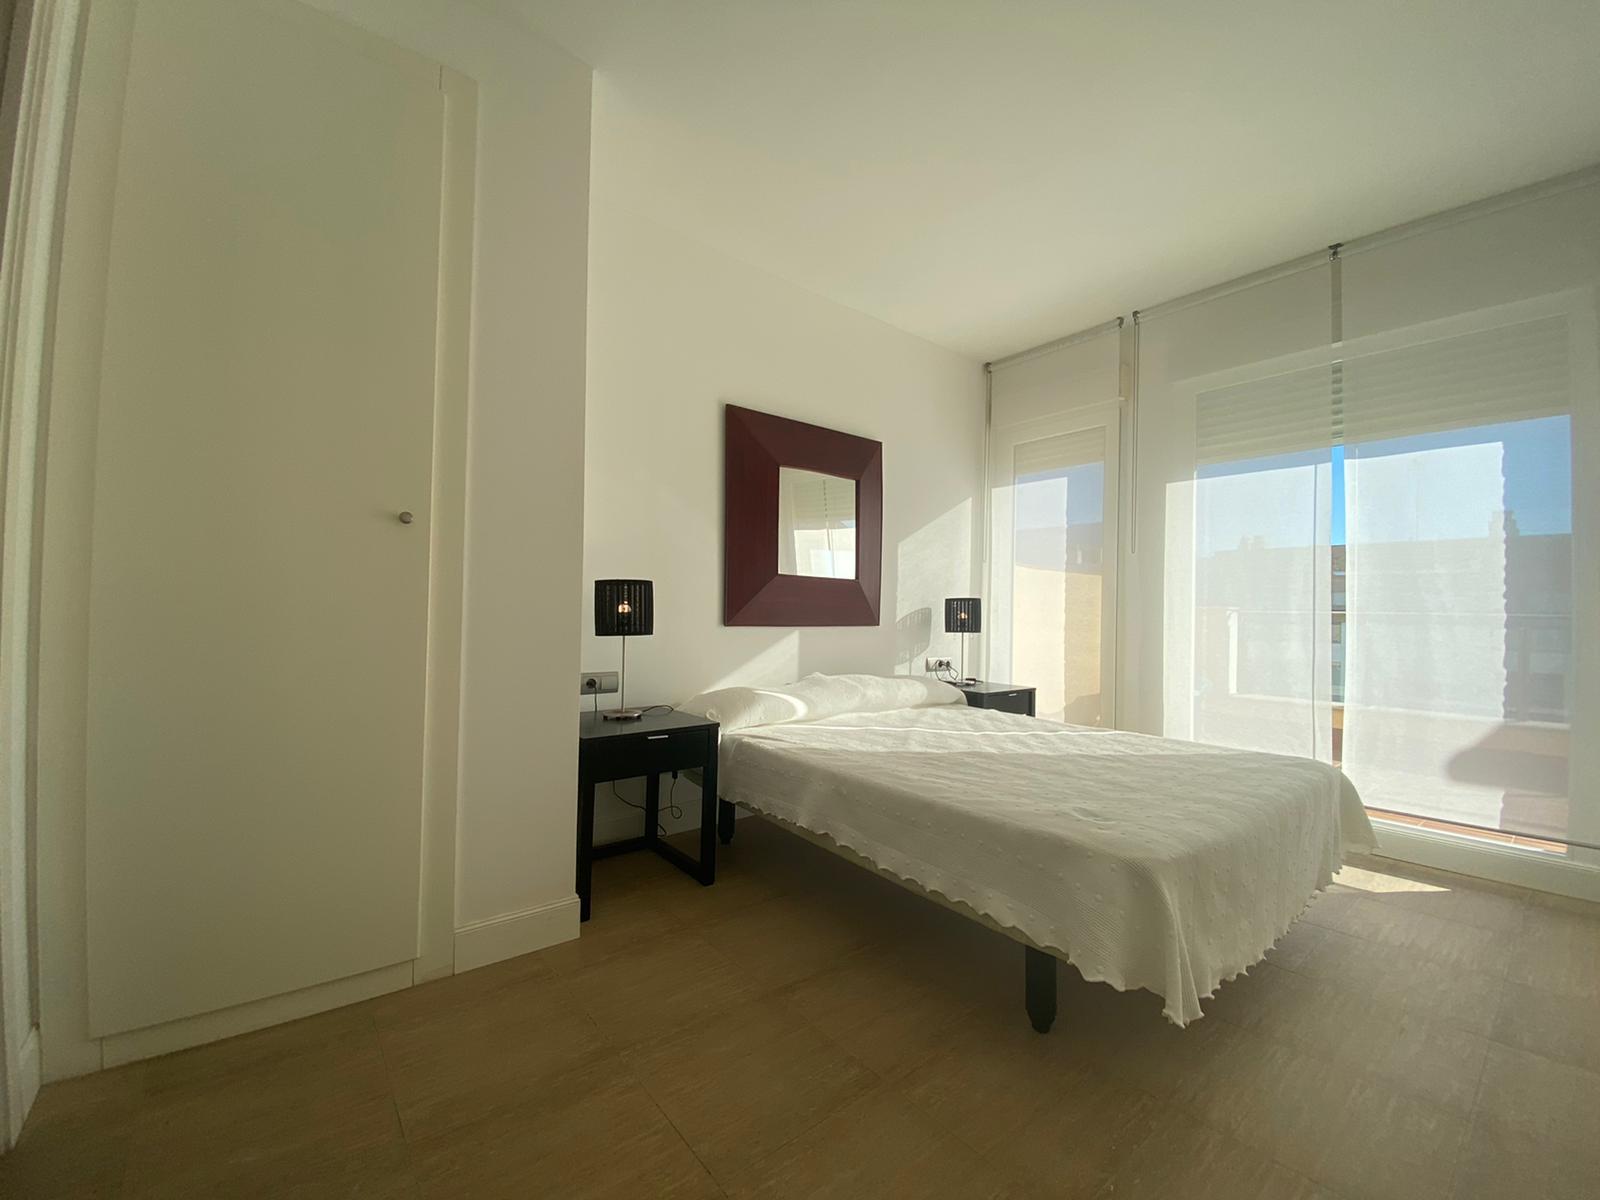 Imagen 12 del Apartamento Turístico, Ático 7 Levante (3d +2b), Punta del Moral (HUELVA), Paseo de la Cruz nº22